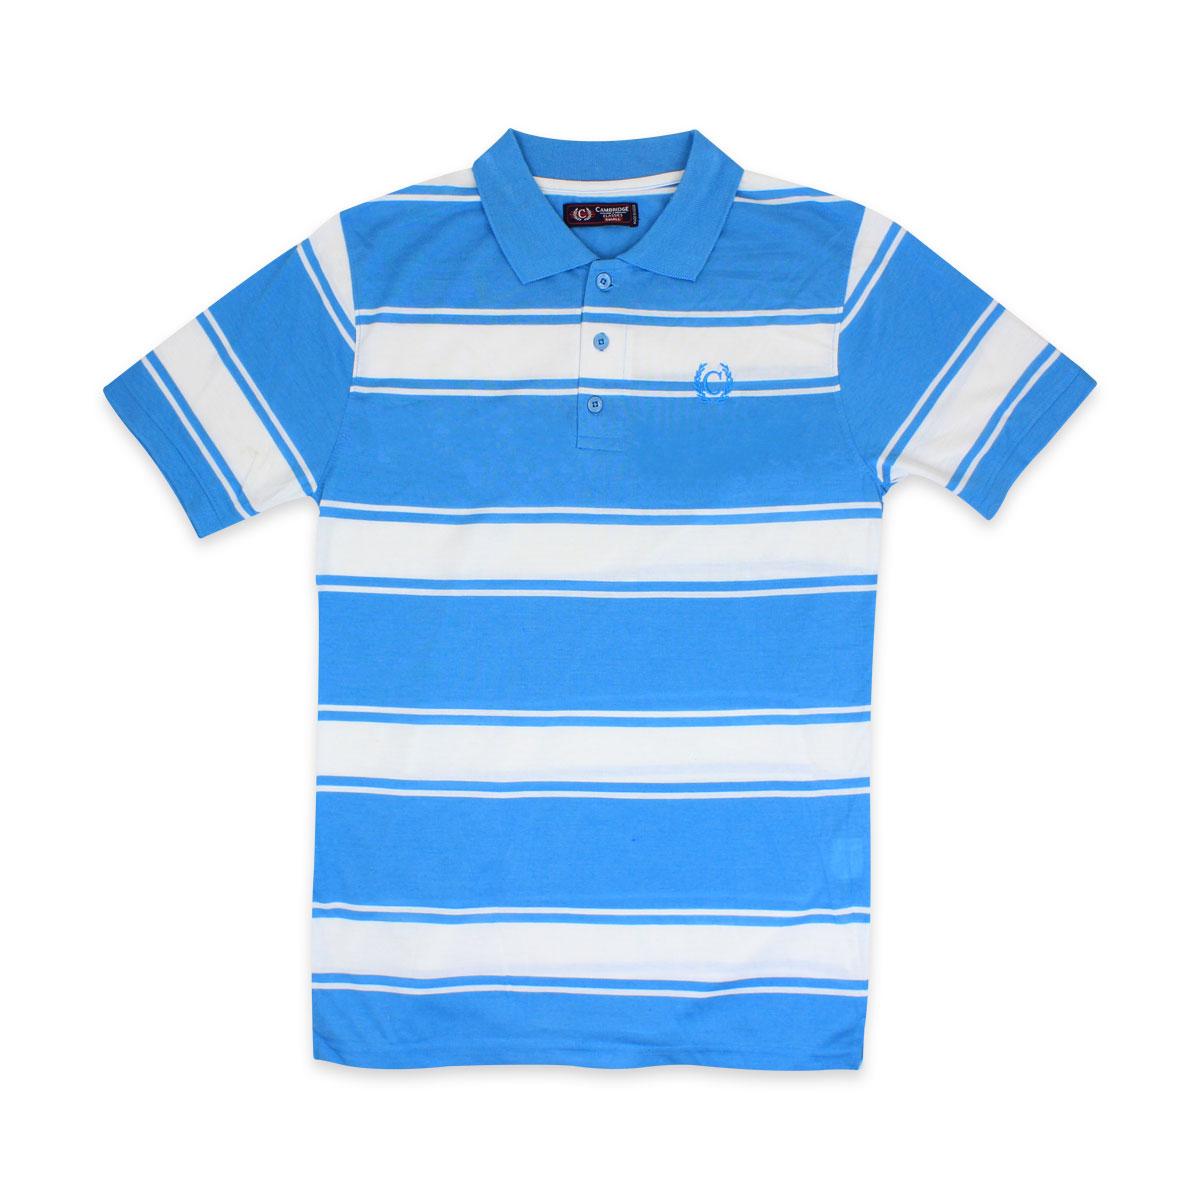 Camisas-Polo-Para-Hombre-A-Rayas-Pique-Con-Cuello-camiseta-Camiseta-Manga-Corta-De-Verano-S-M-L-XL miniatura 27